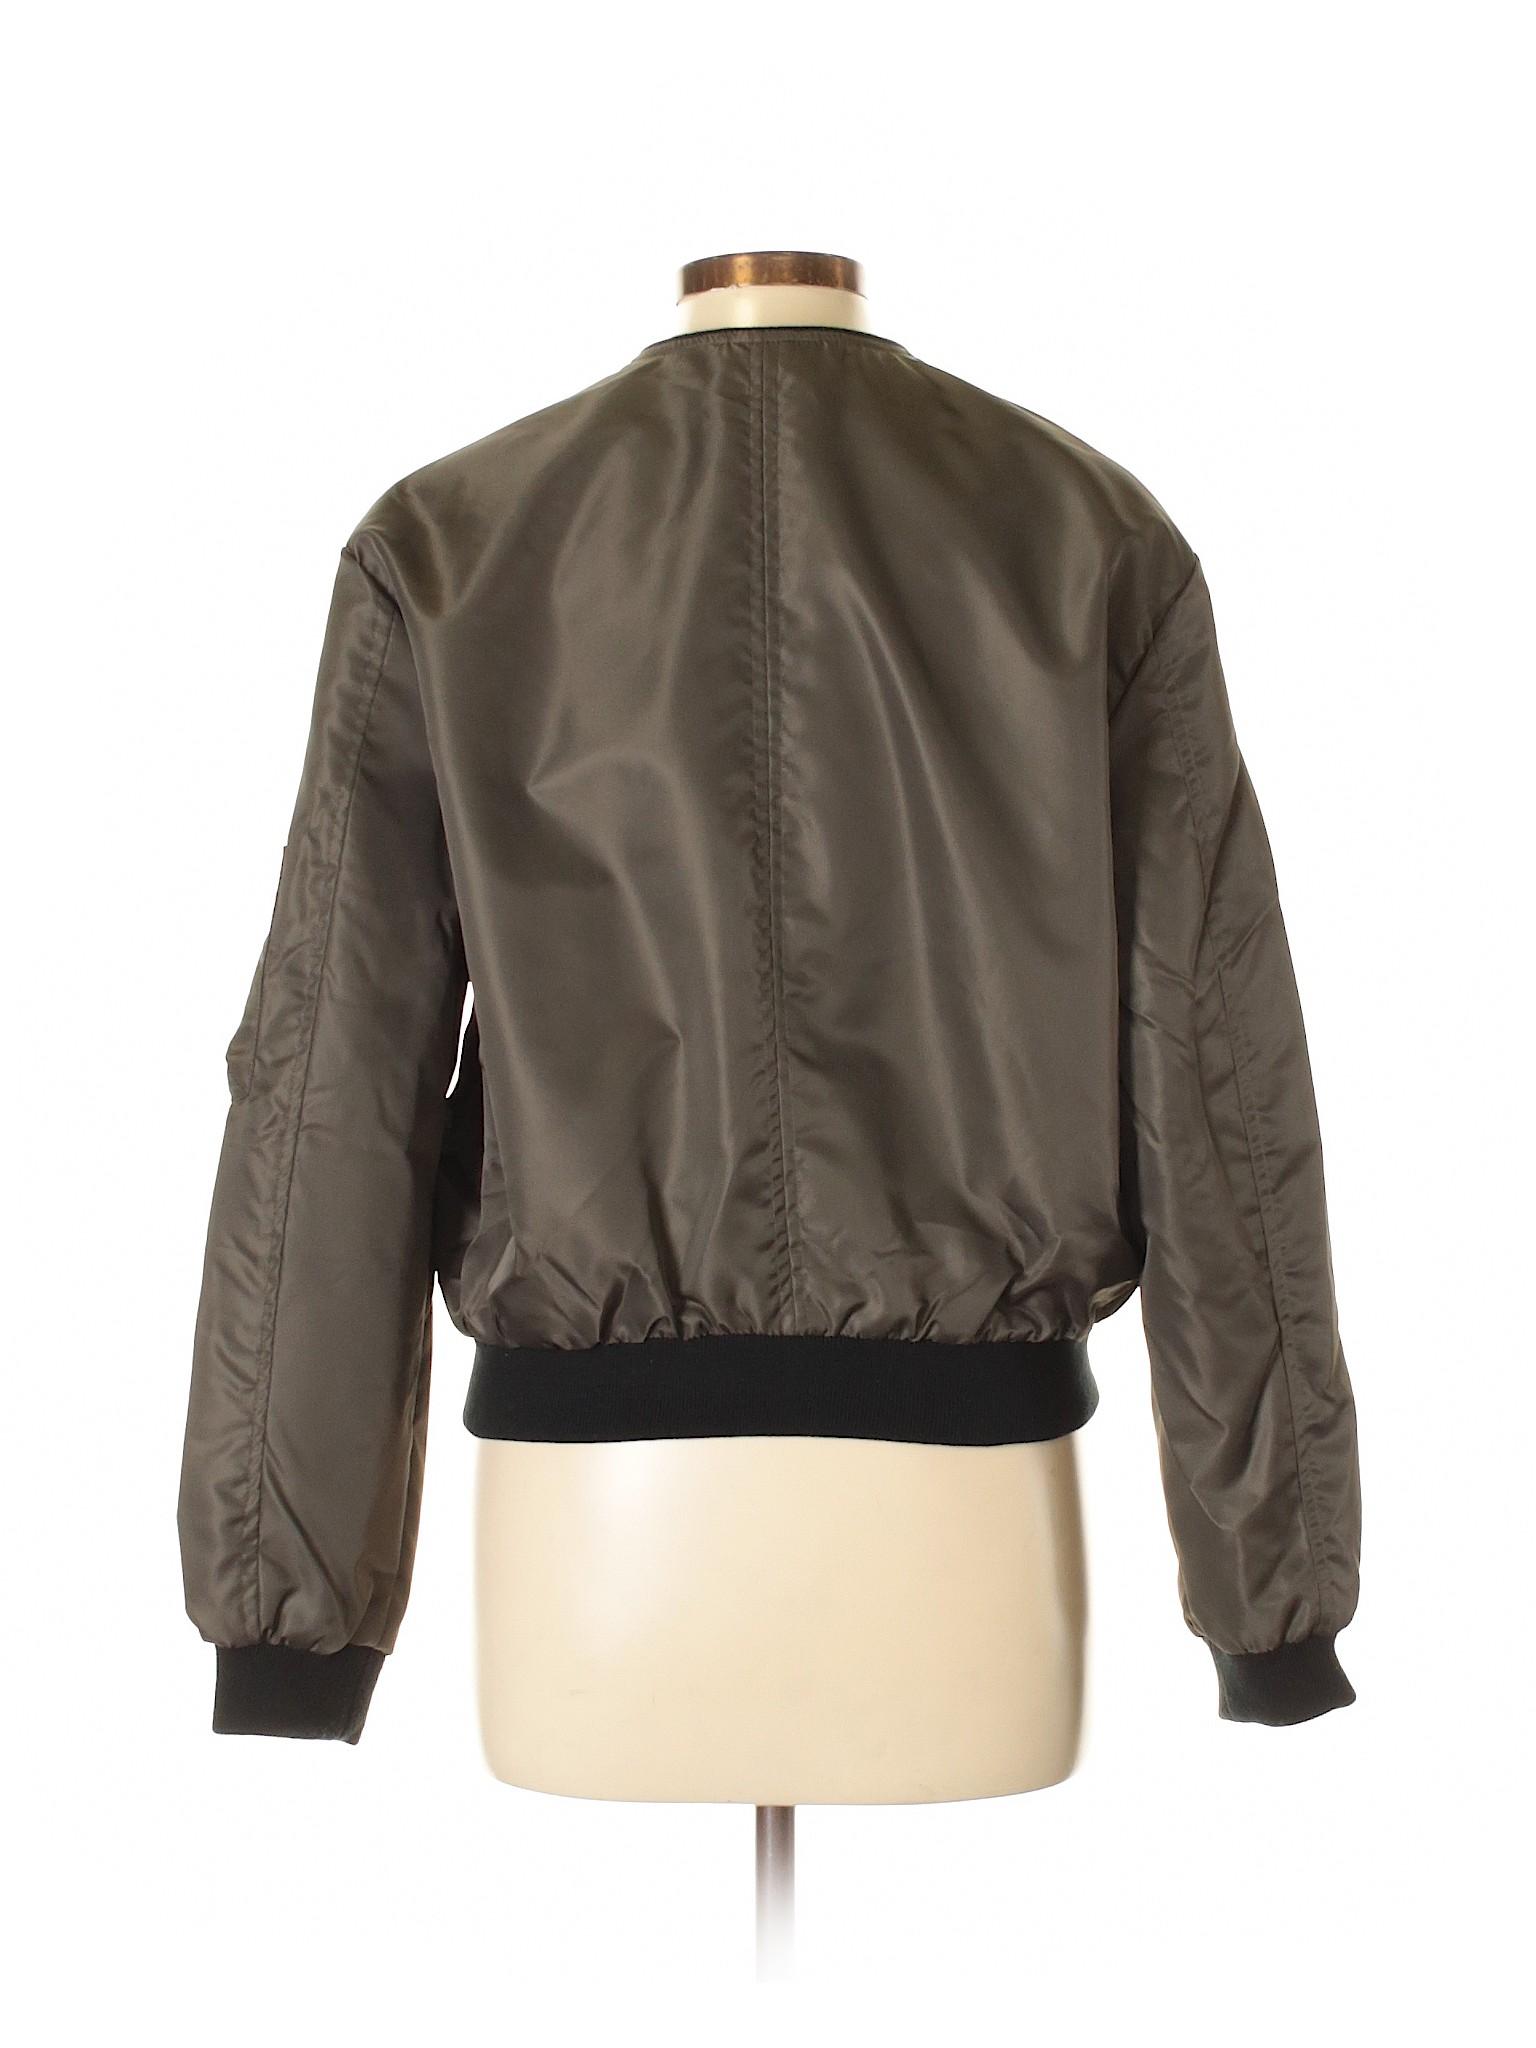 Boutique Boutique Coat Boutique Boutique Zara Coat Coat Zara Zara Zara dTxn4q64R